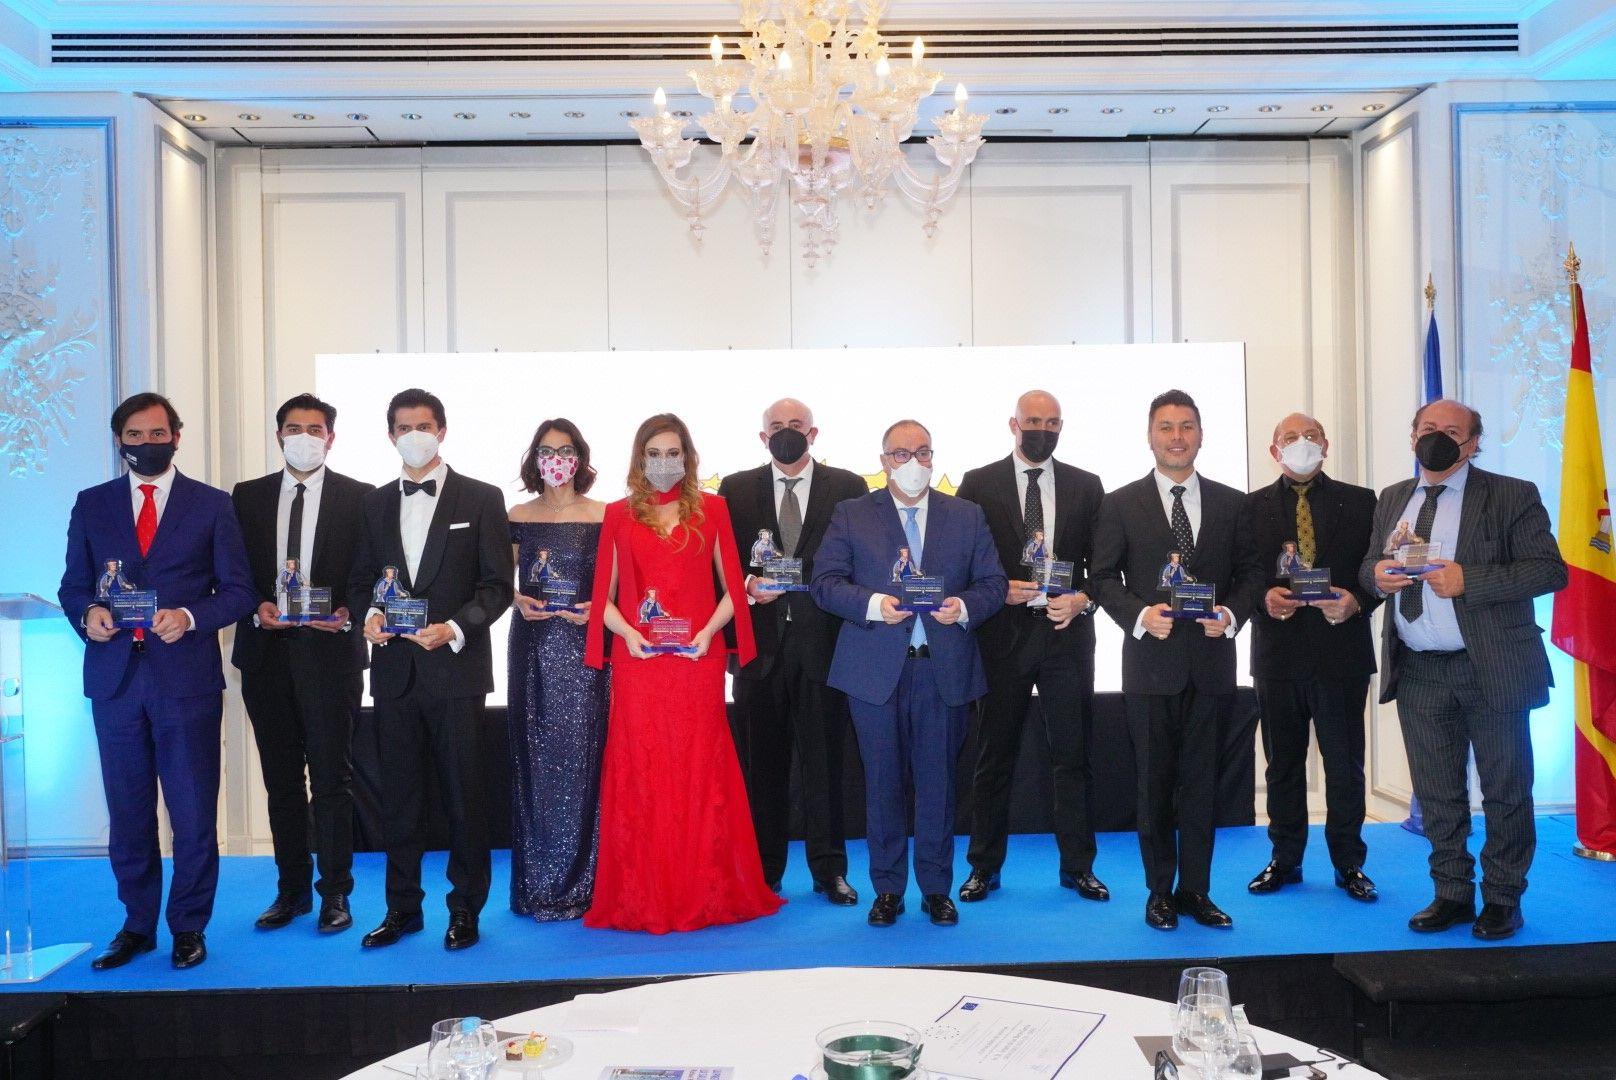 La AEDEEC concede el Premio Nacional de Jurisprudencia y Legislación Alfonso X El Sabio 2021